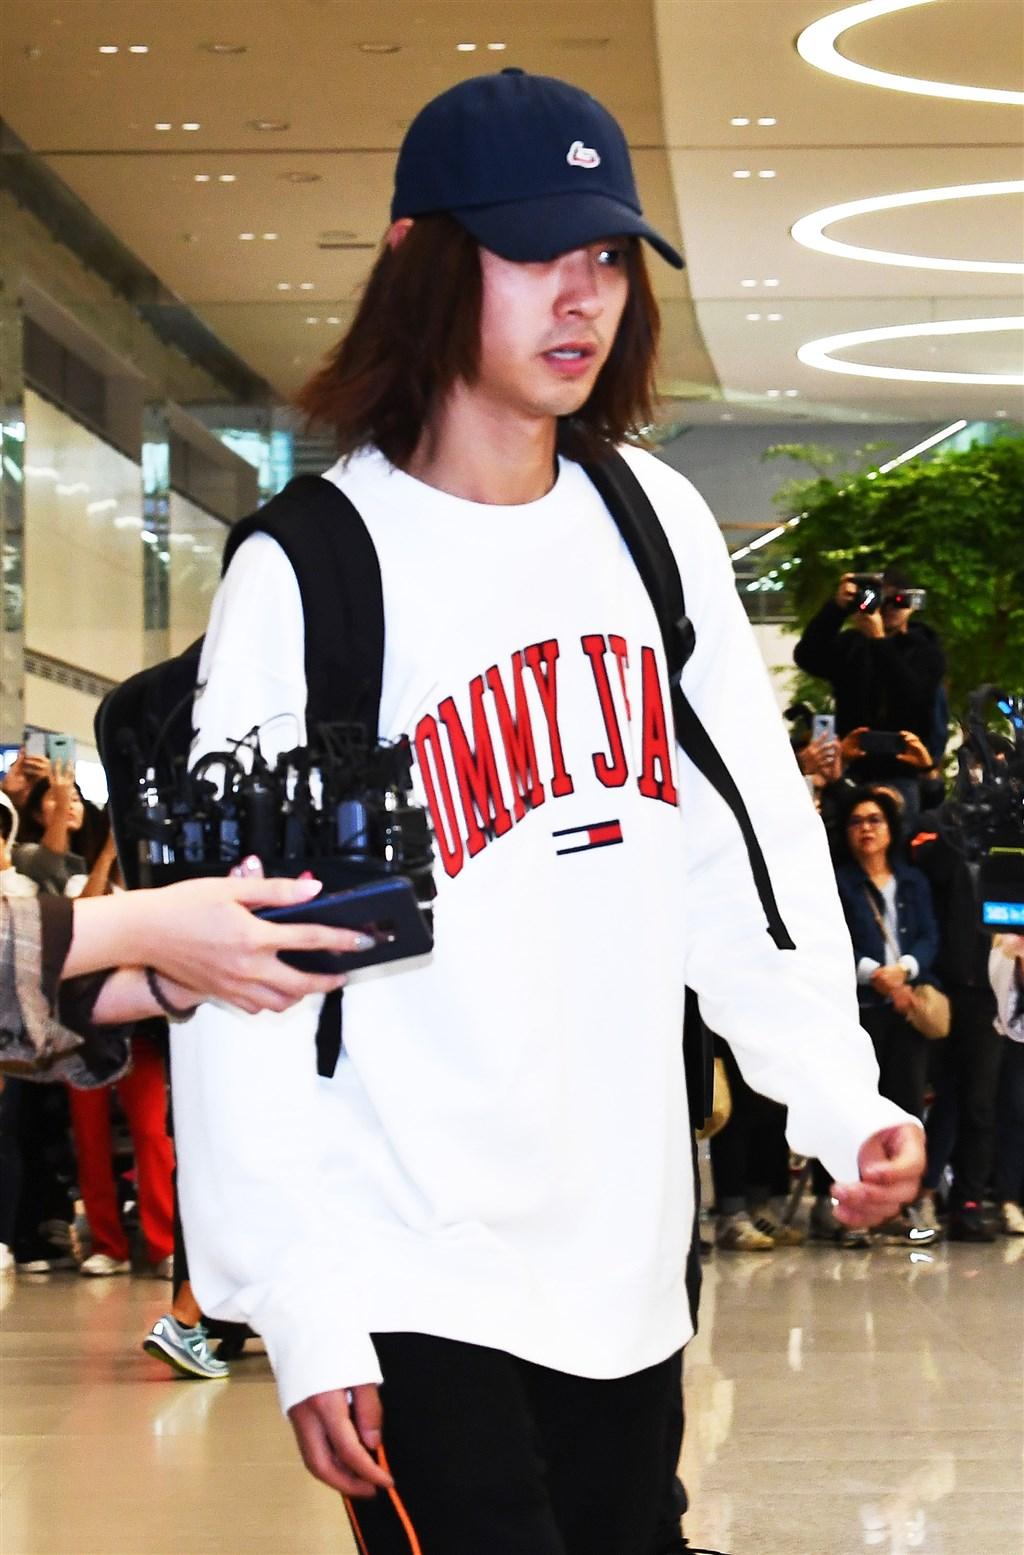 涉嫌非法拍攝和散播性愛影片及照片的南韓藝人鄭俊英,承認警方指控的一切罪行。(韓聯社提供)